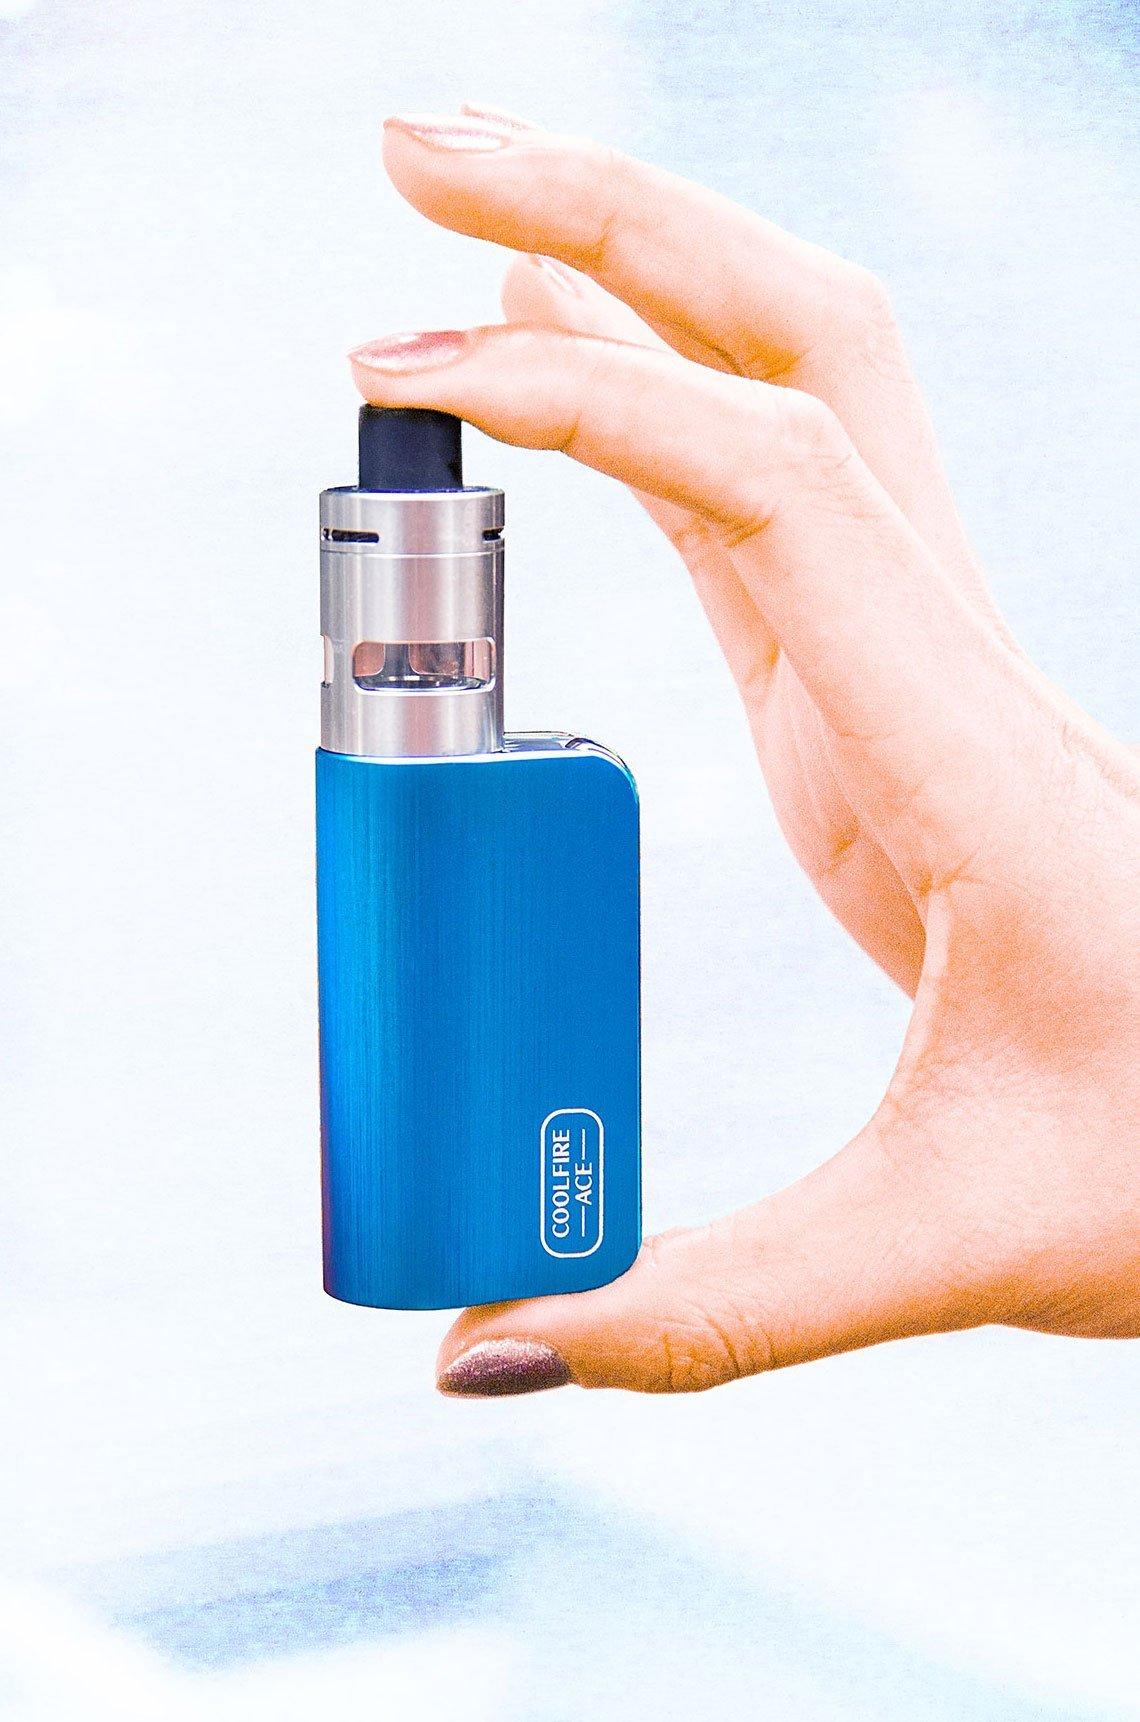 Innokin vaporizers for sale in Buffalo